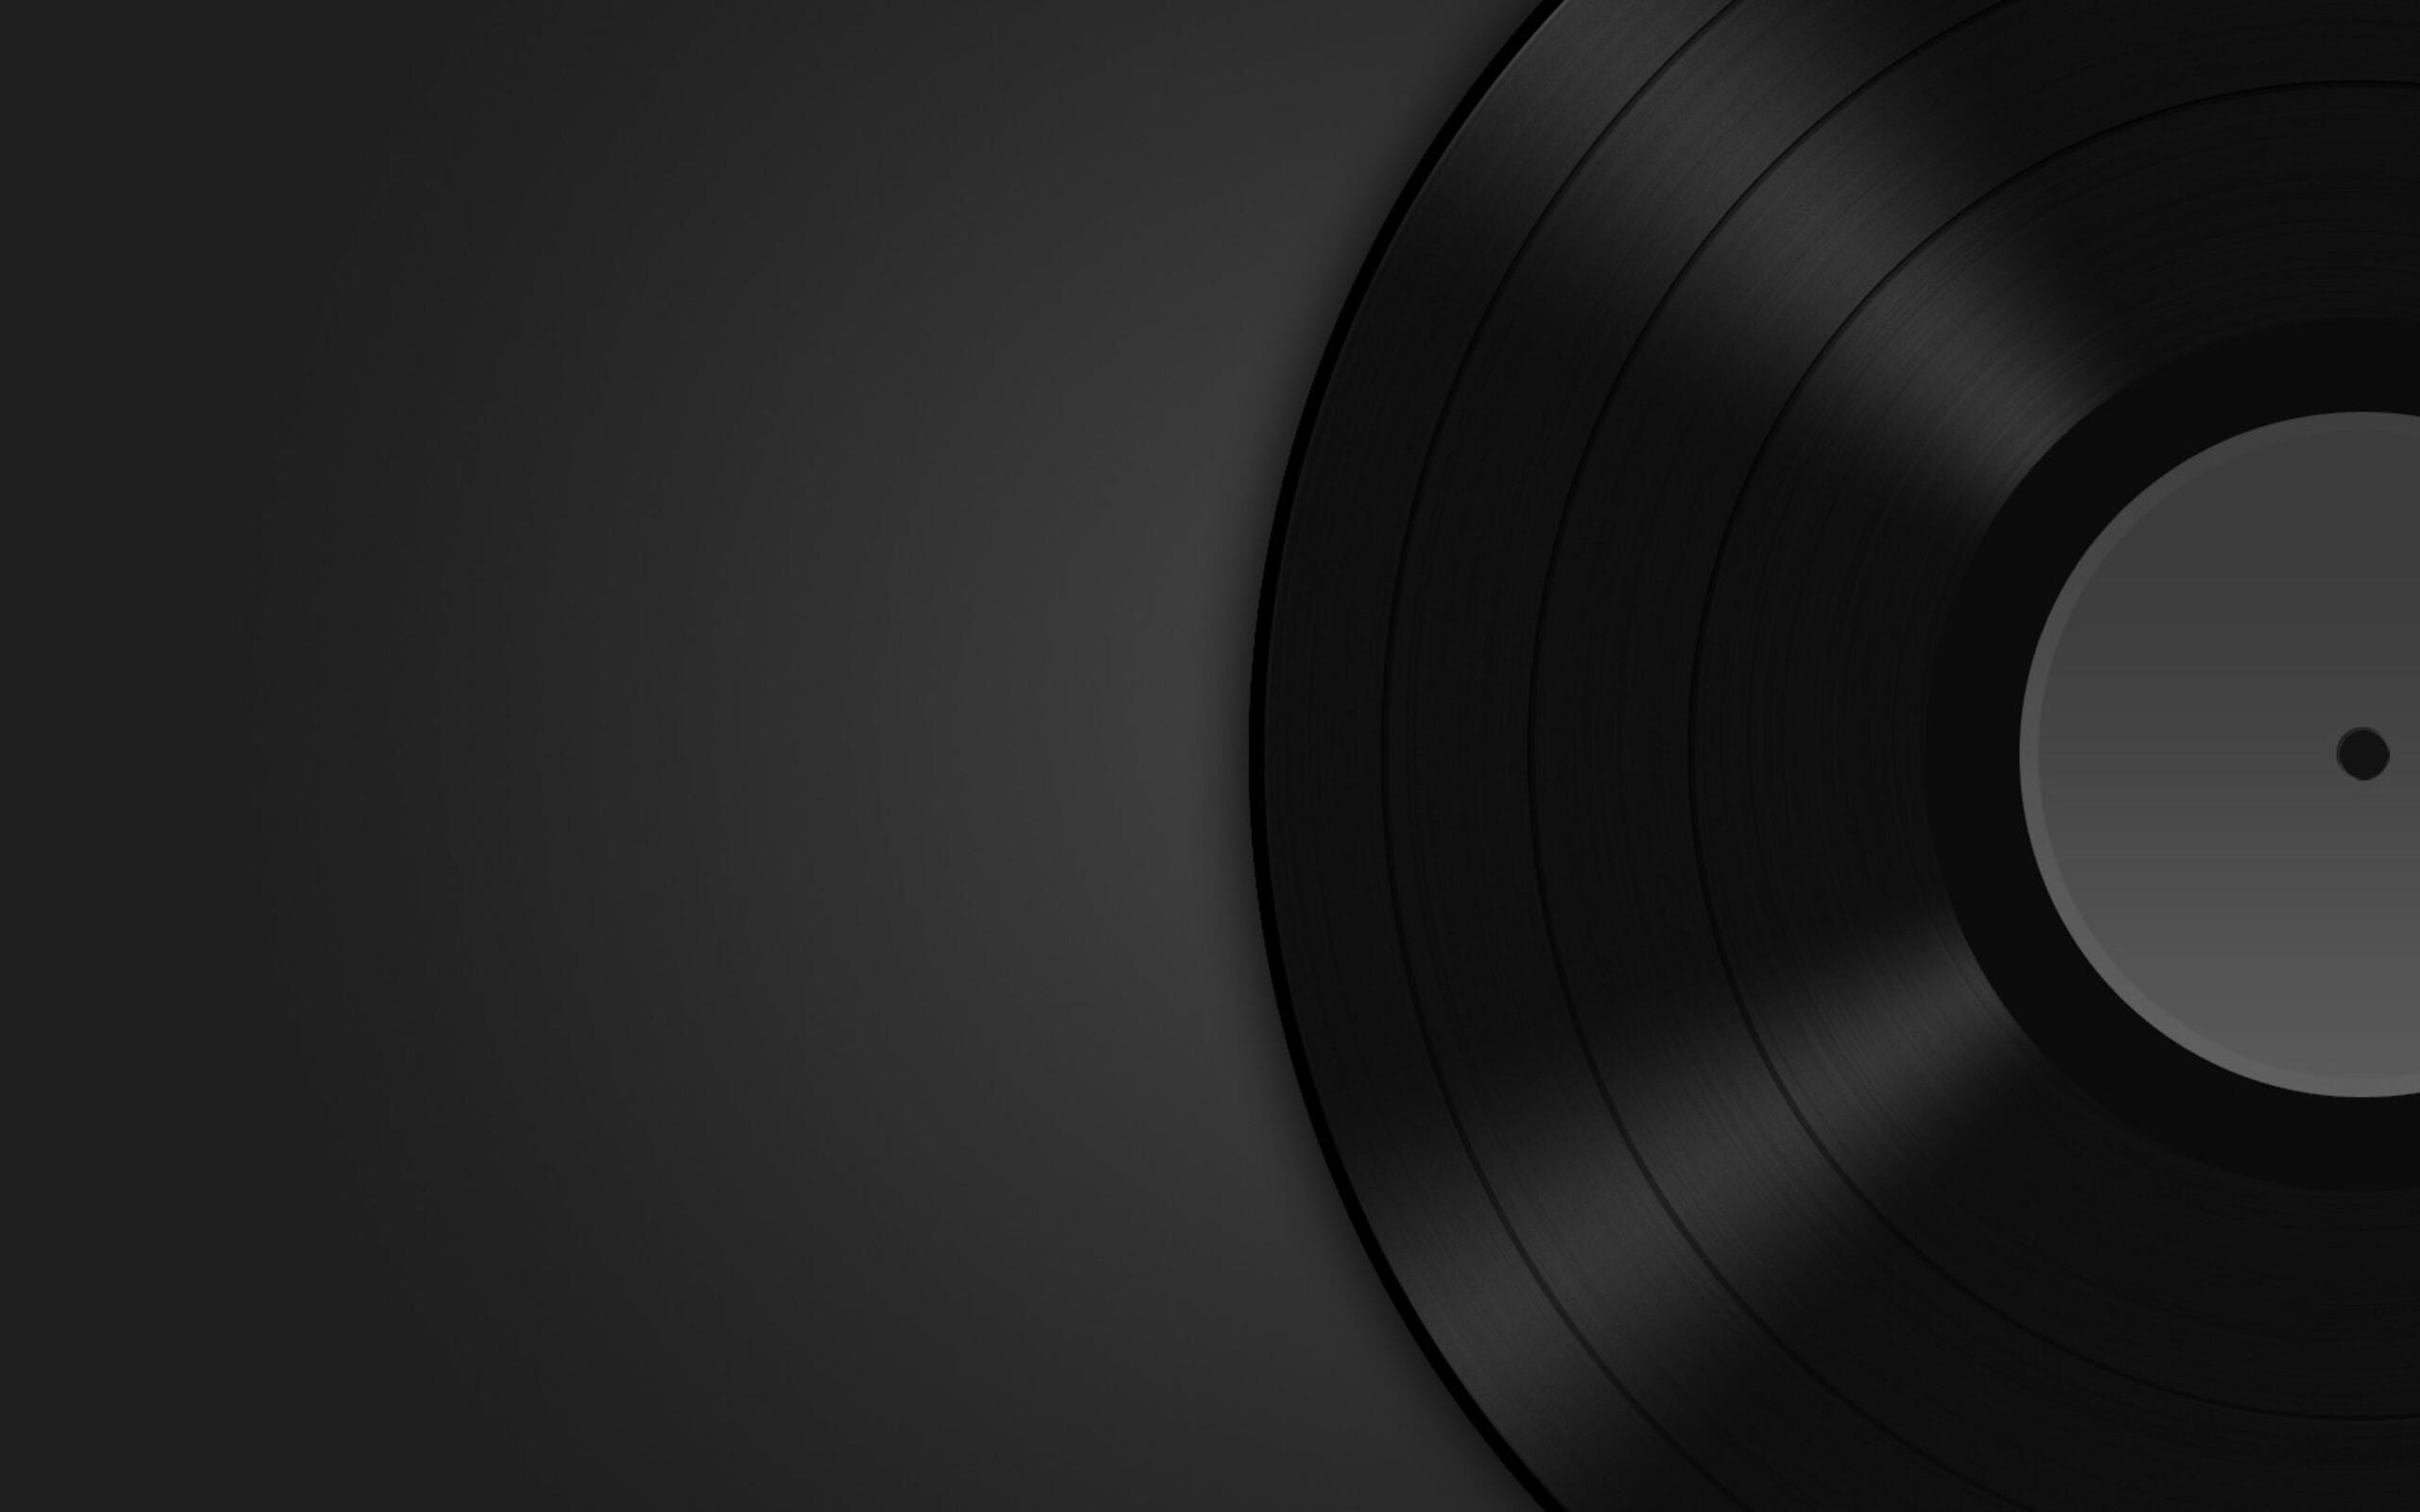 vinyl-2-wallpaper.jpg